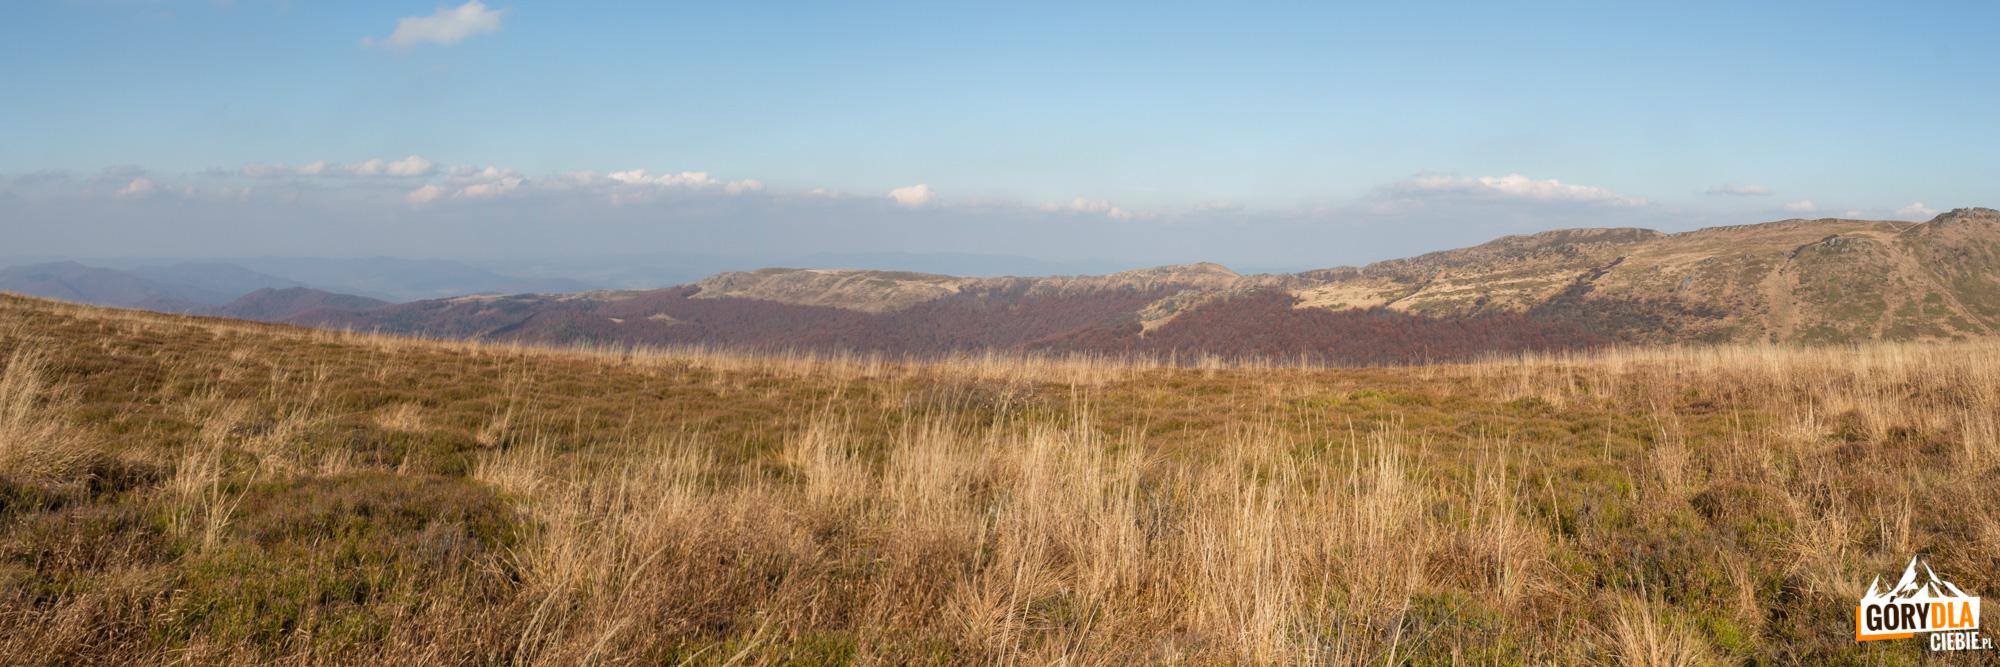 Panorama zgrani Szerokiego Wierchu naBukowe Berdo